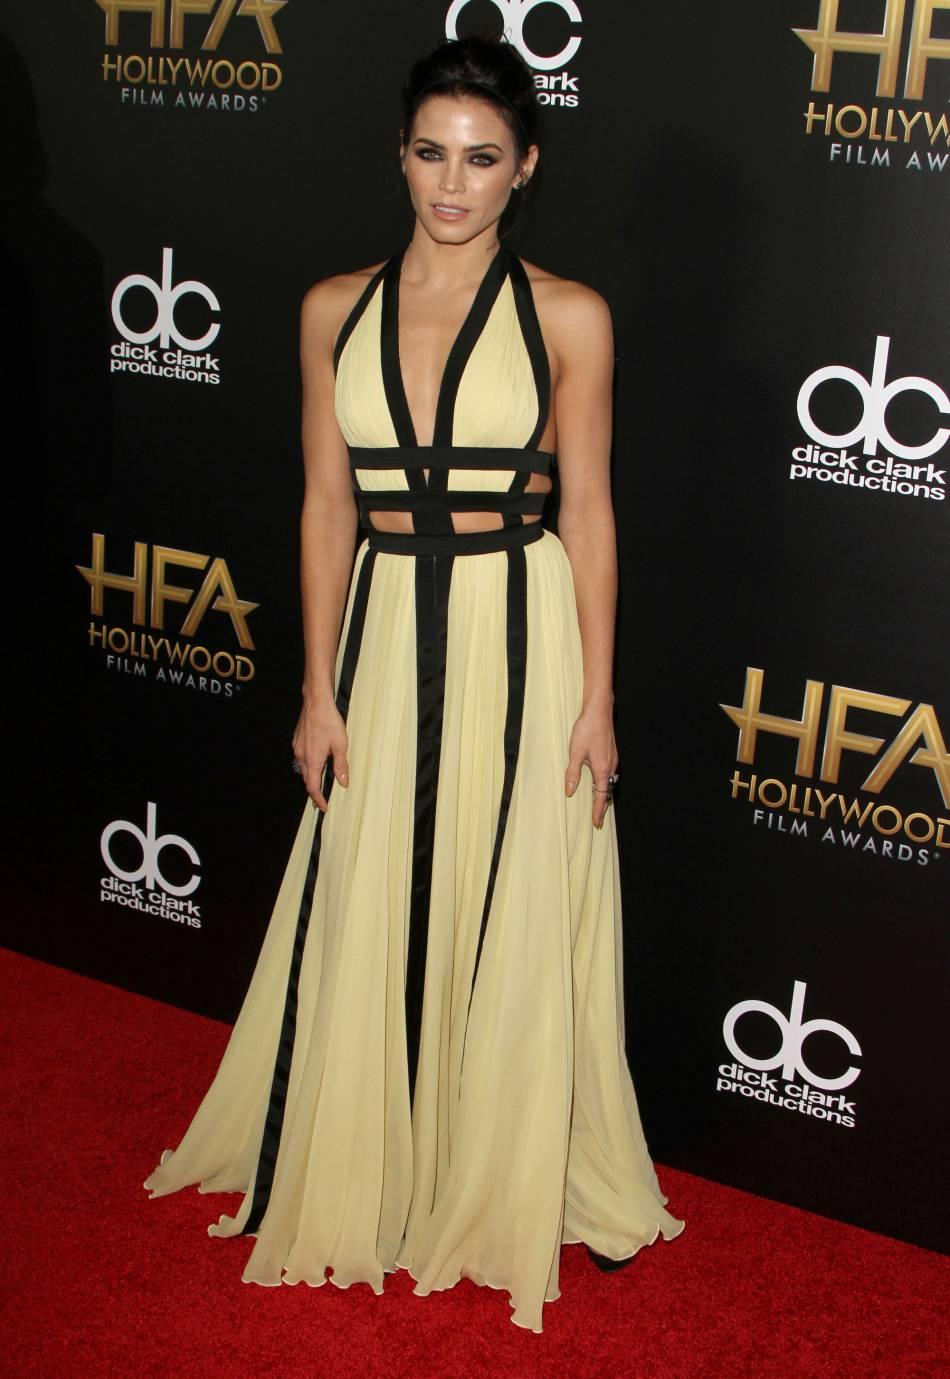 Jenna Dewan-Tatum dans une robe Zuhair Murad et bijoux Lorraine Schwartz sur le red carpet des Hollywood Film Awards le 1er novembre 2015 à Los Angeles.